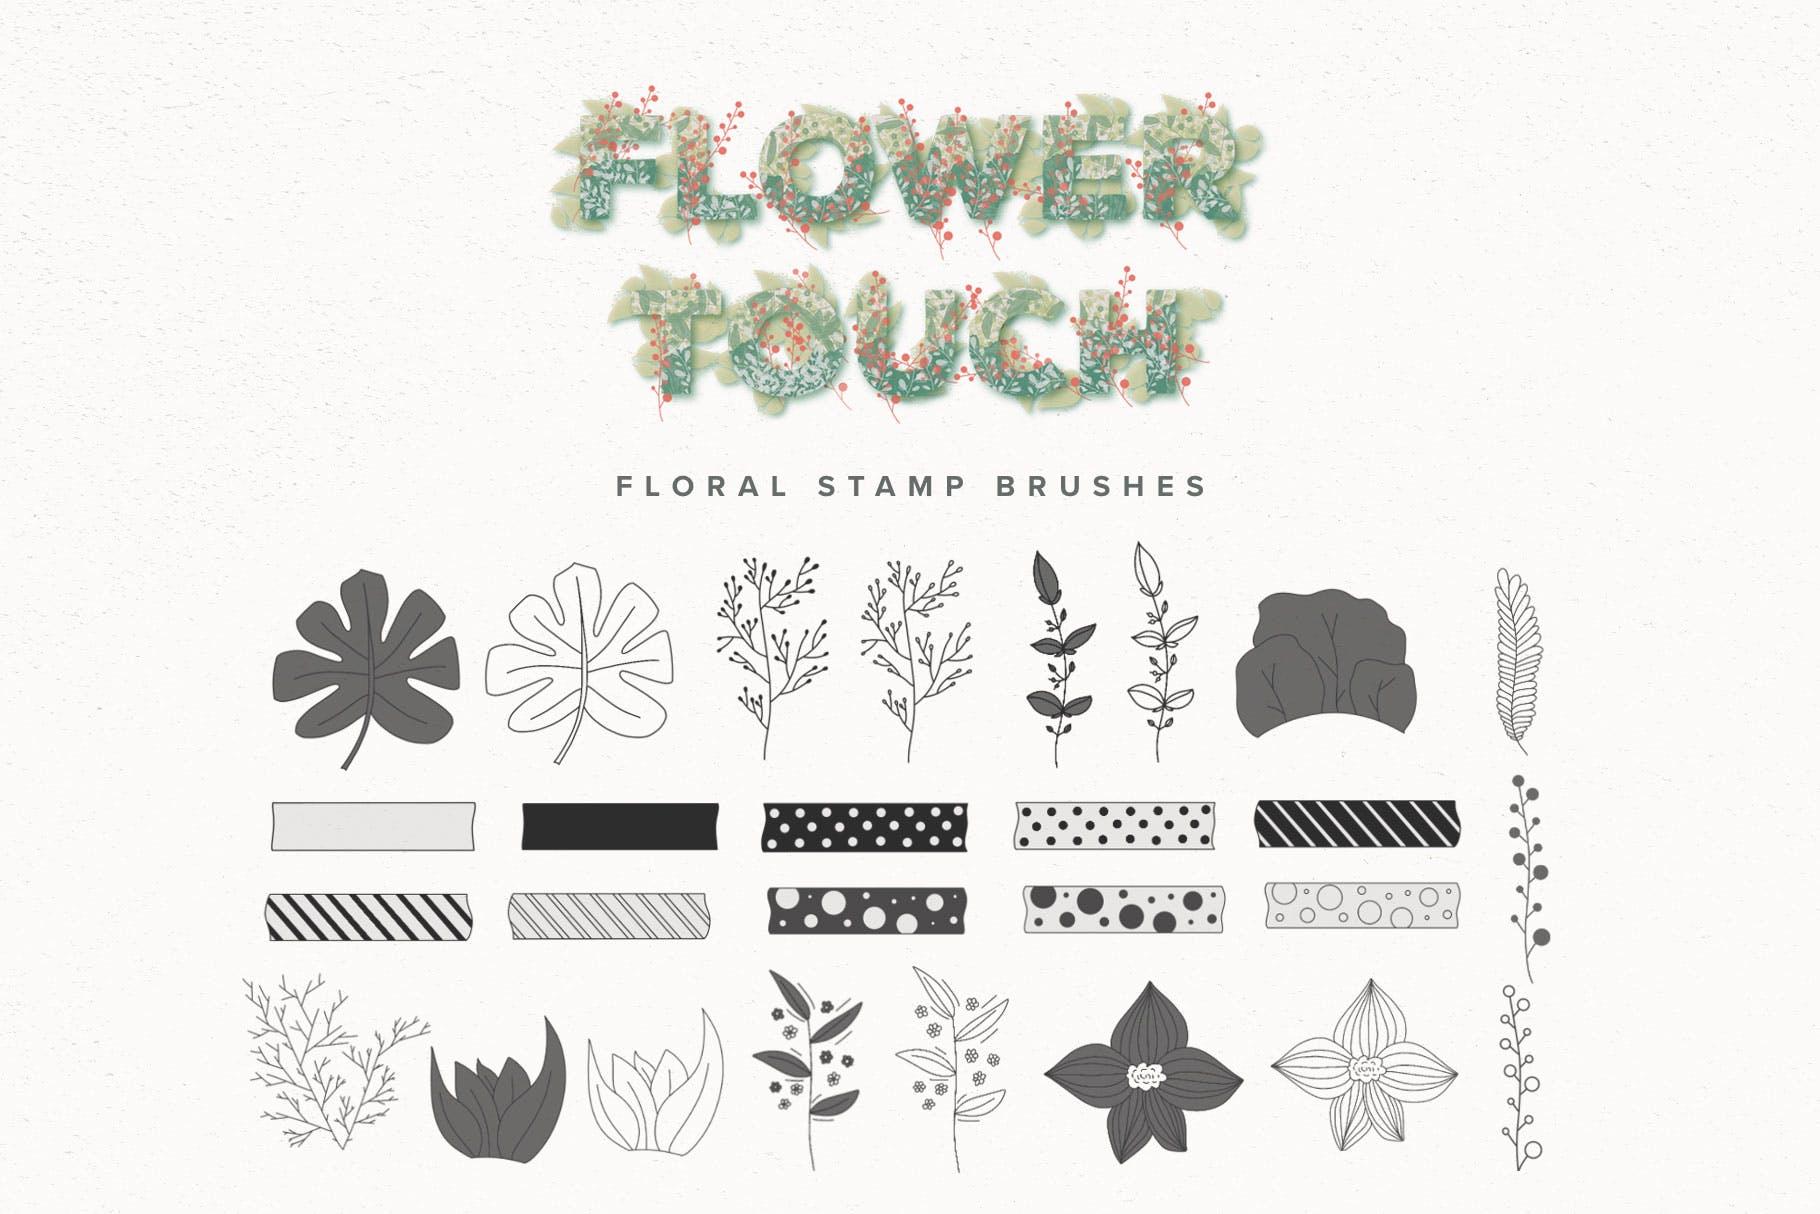 艺术绘画花卉装饰图案纹理Procreate笔刷 Flower Touch Procreate Brushes插图(4)